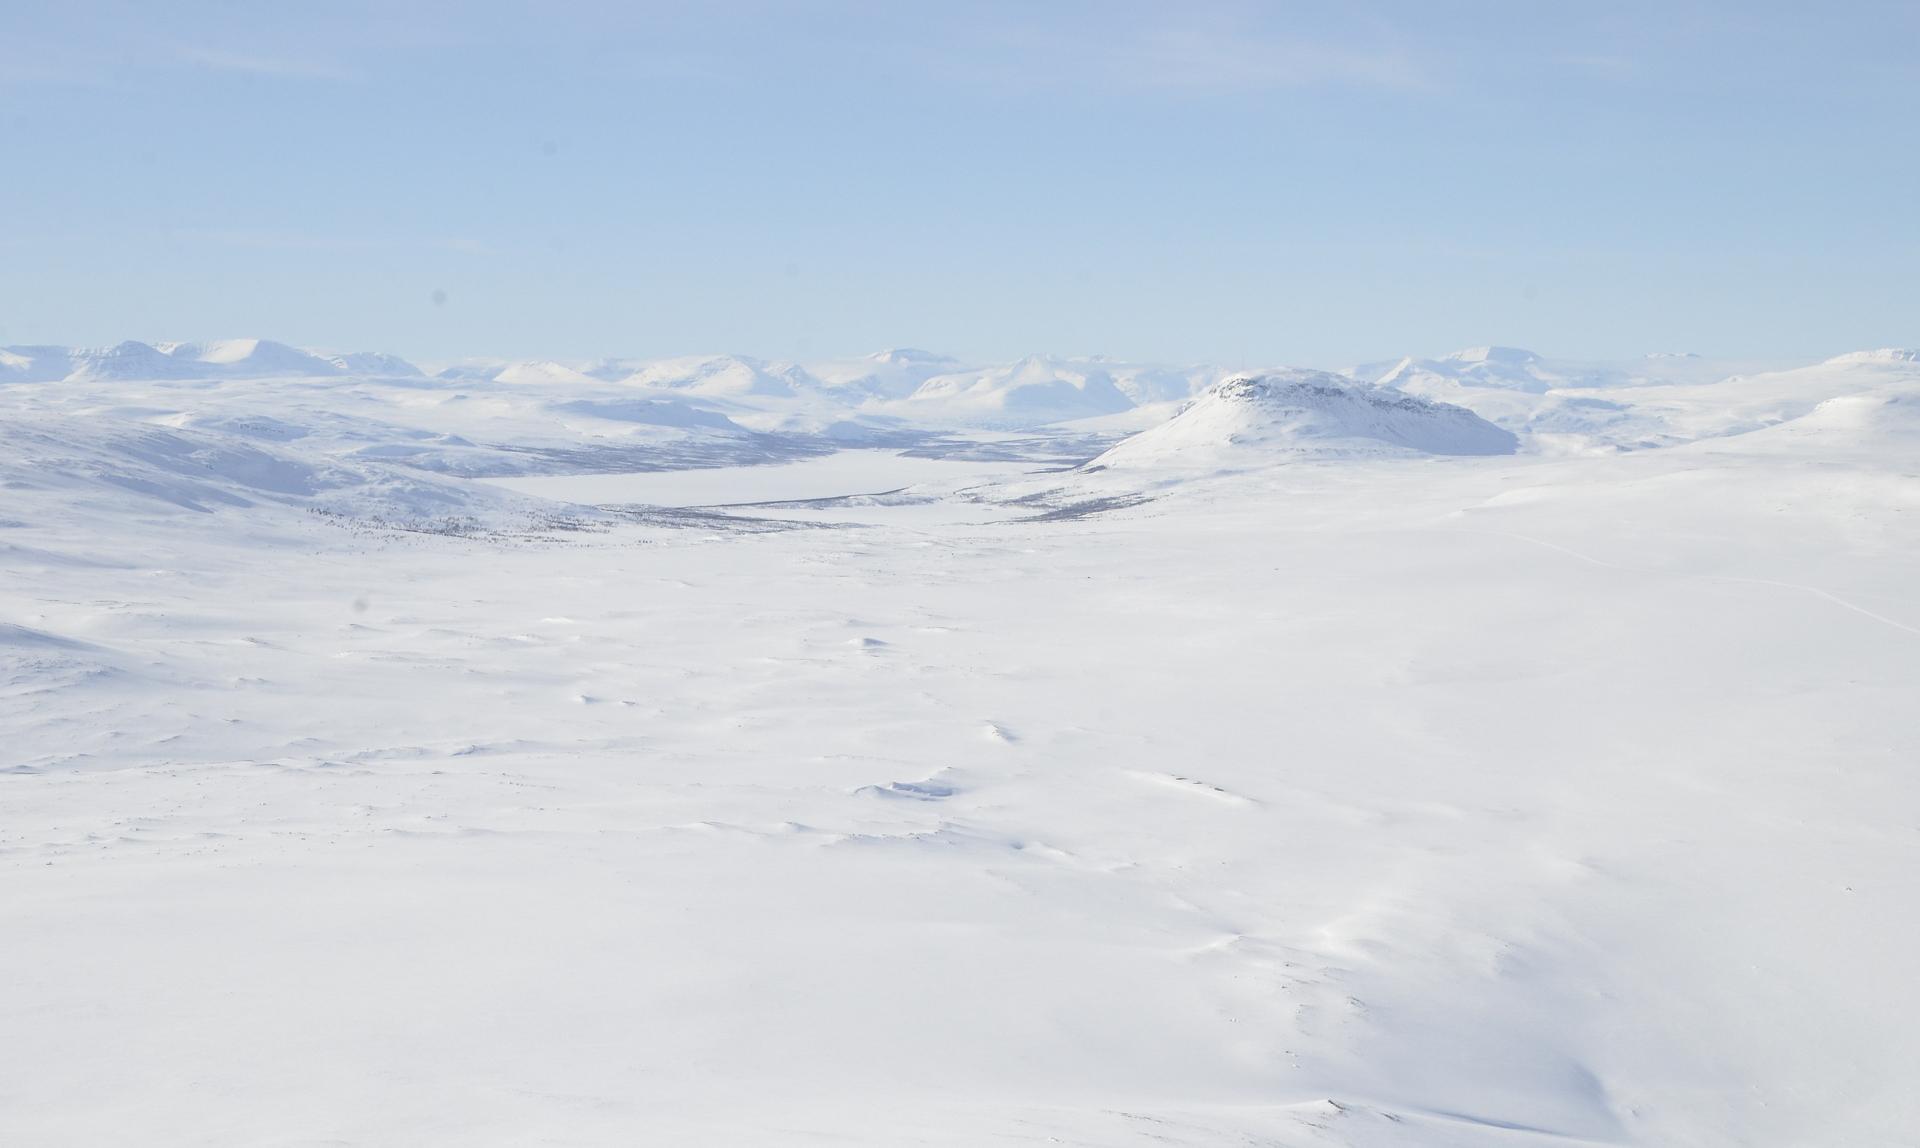 Kohta ilmaan noustessa alkoi näkyä Saana ja Kilpisjärvi.